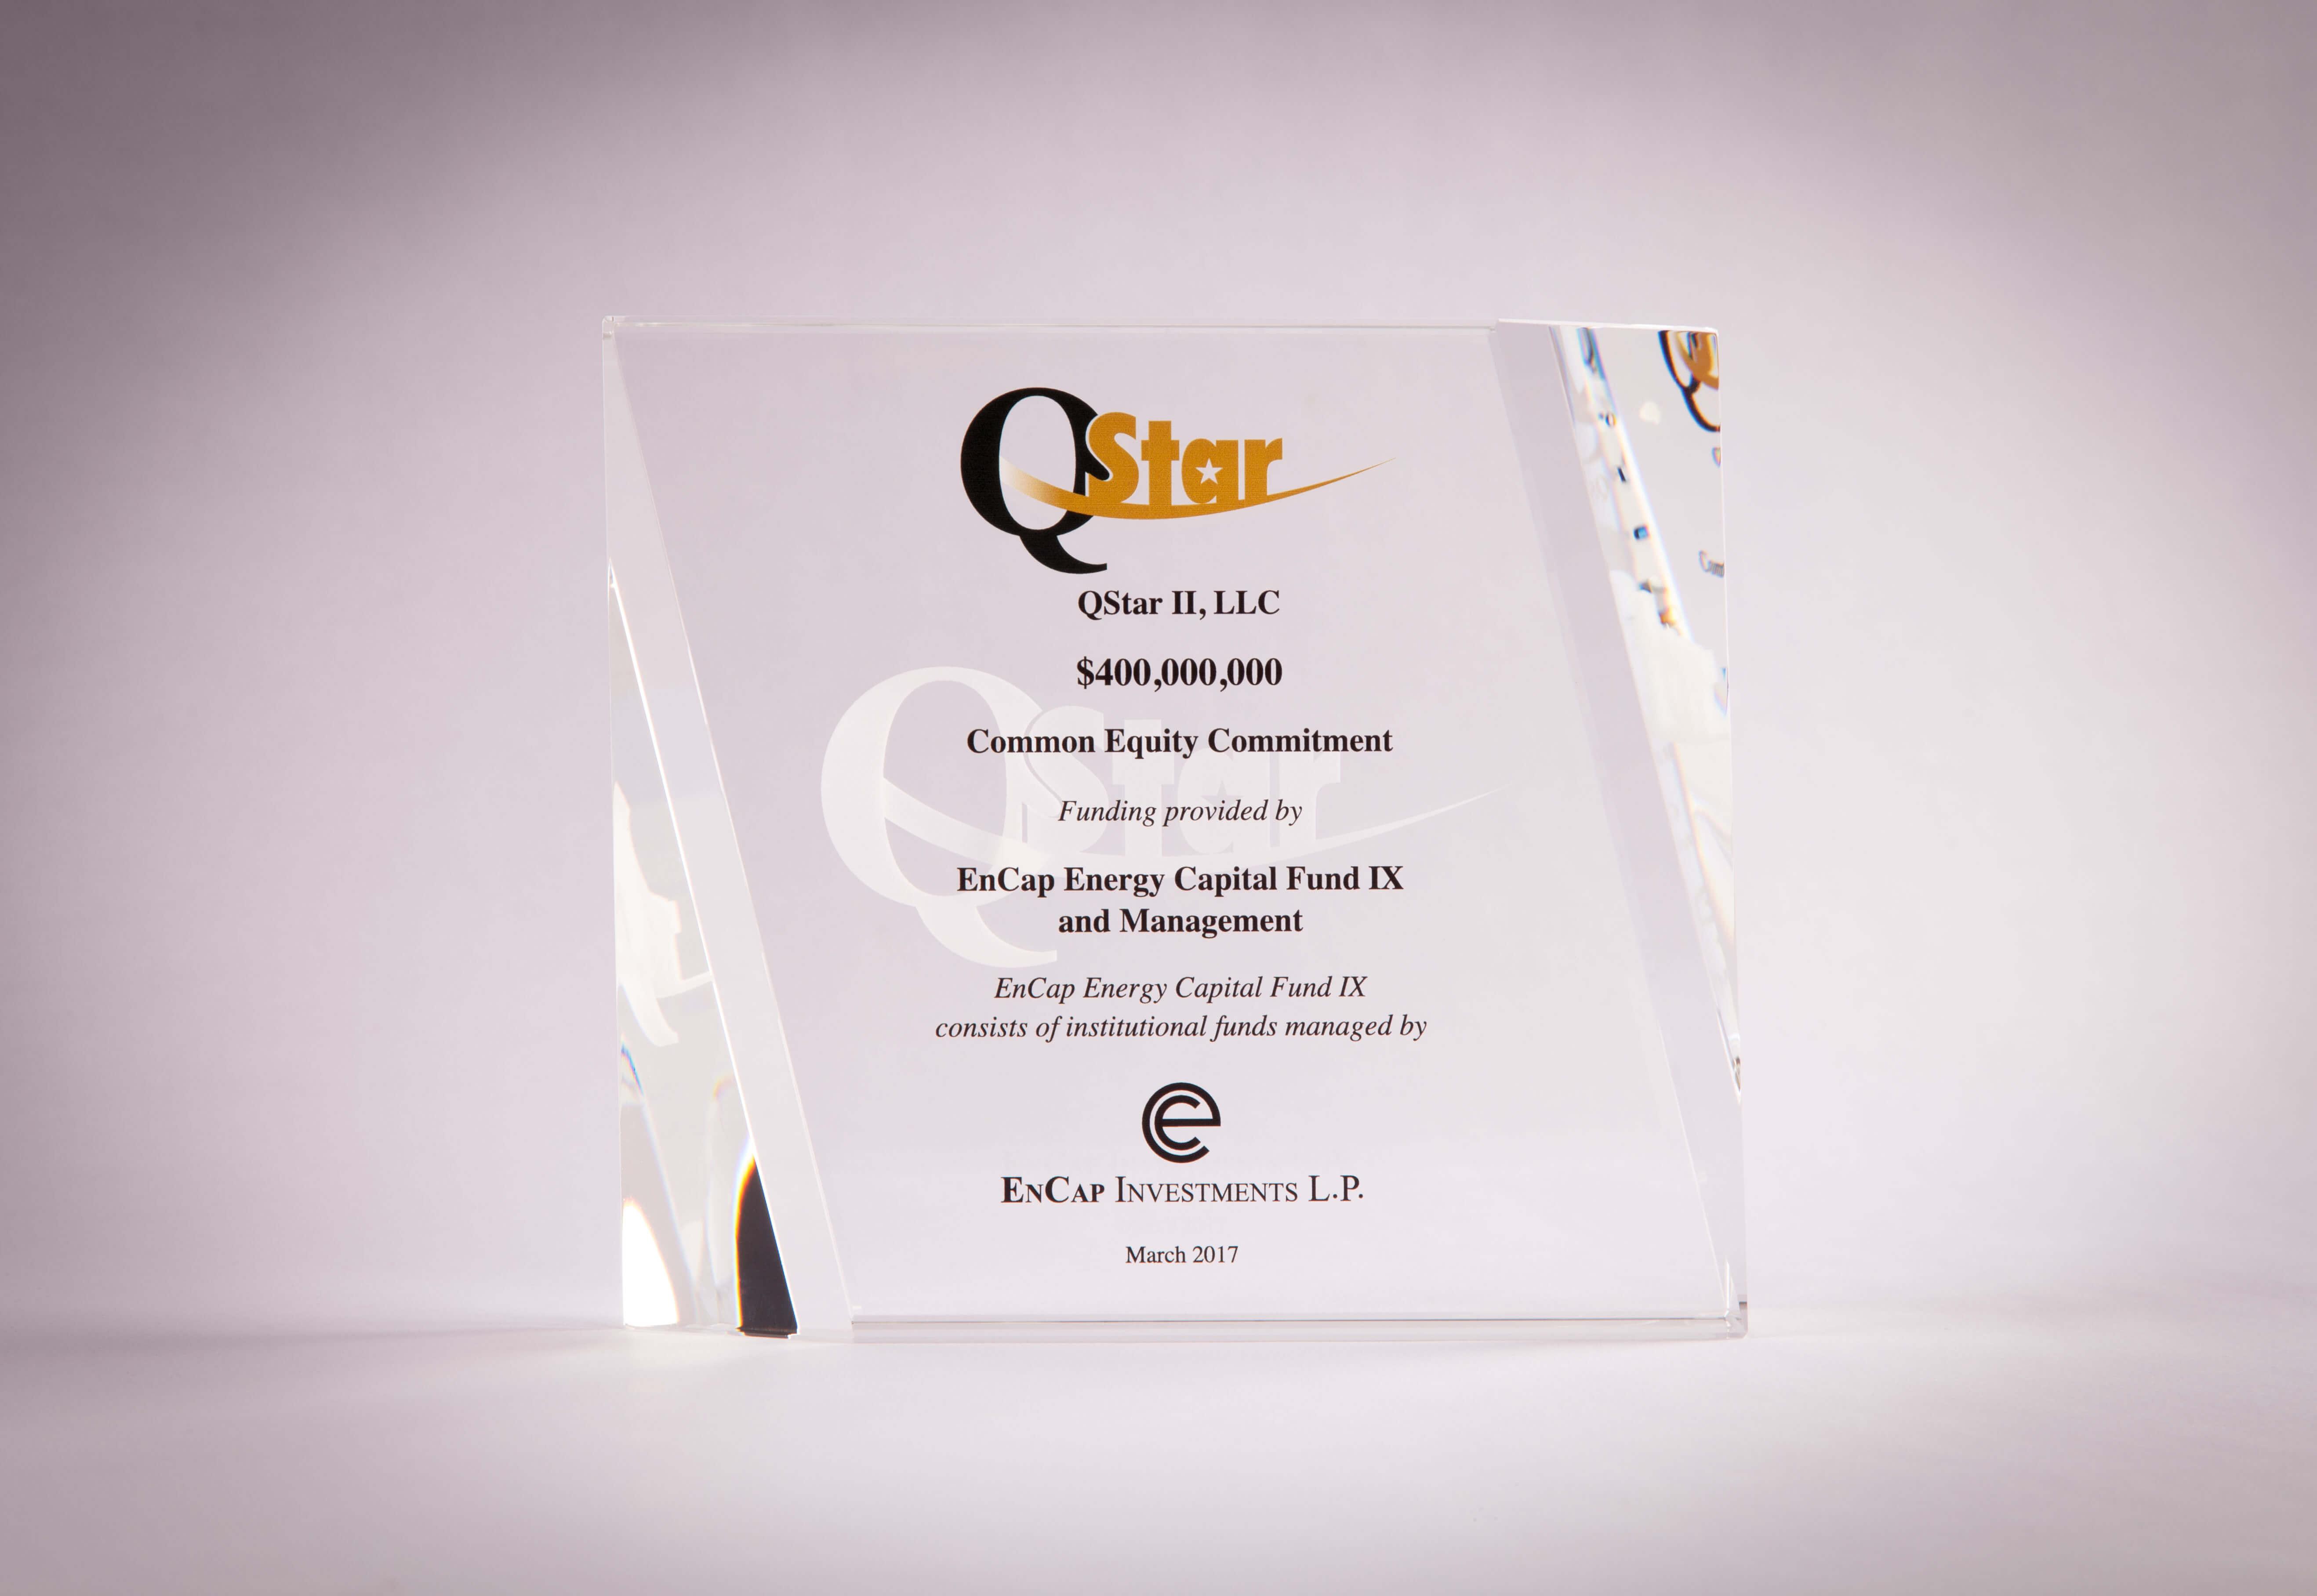 QStar Award